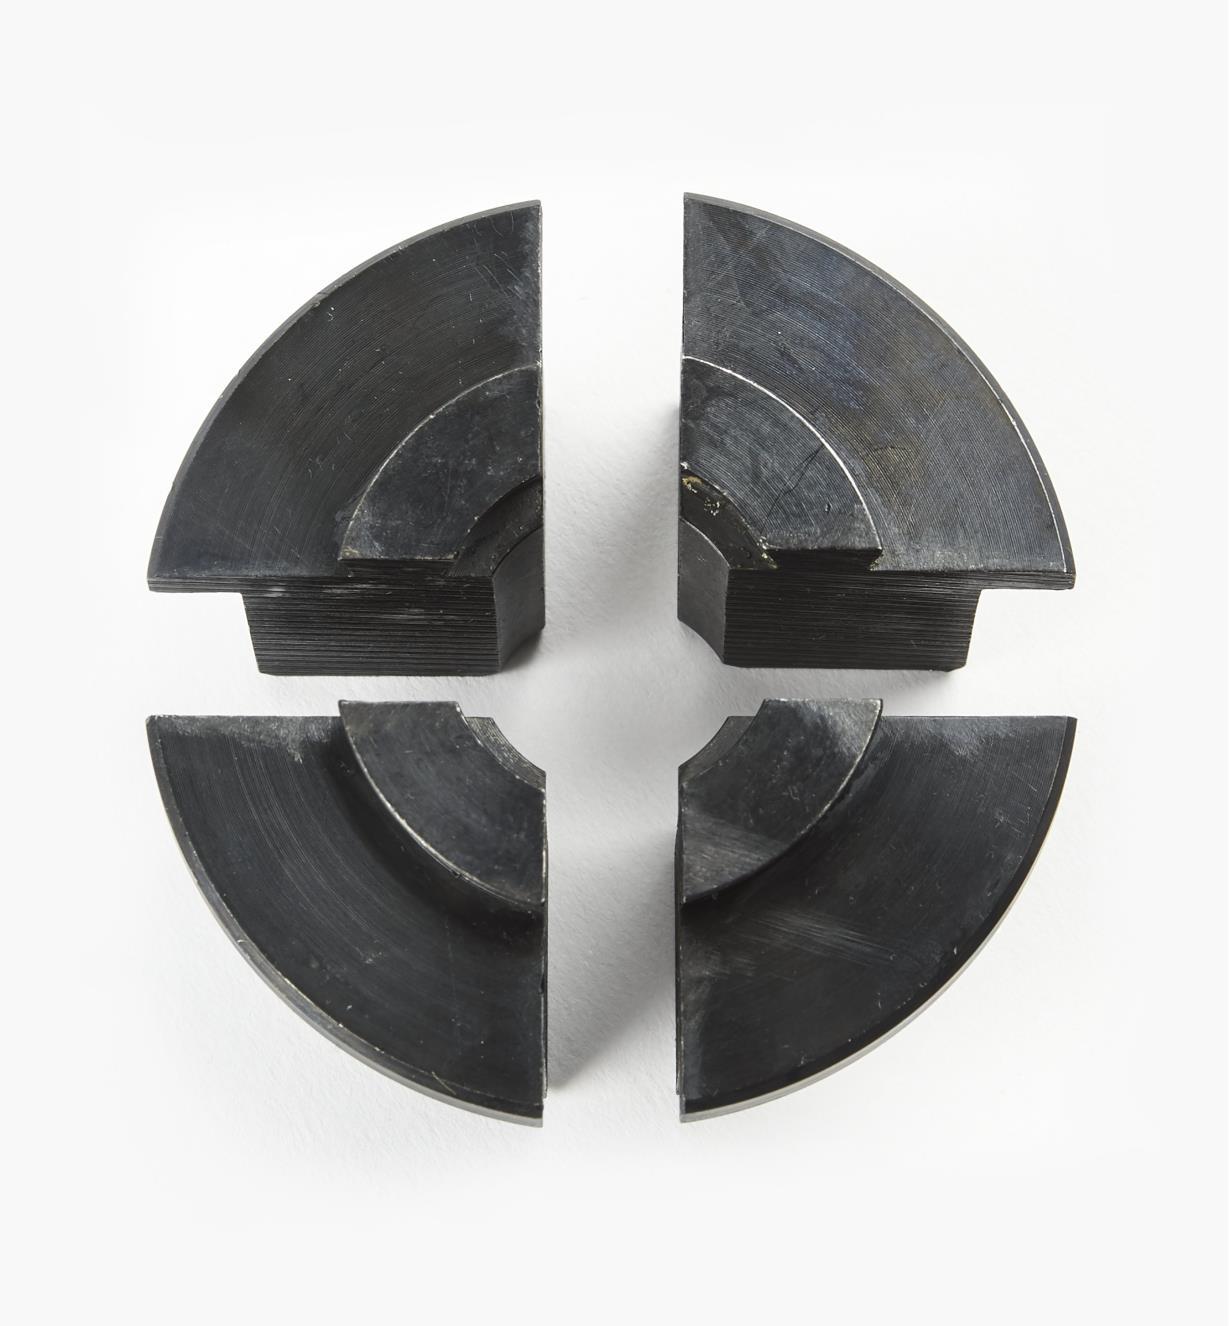 58B4062 - Jeu de mors-réducteurs O'Donnell Axminster, 25 mm (1 po)